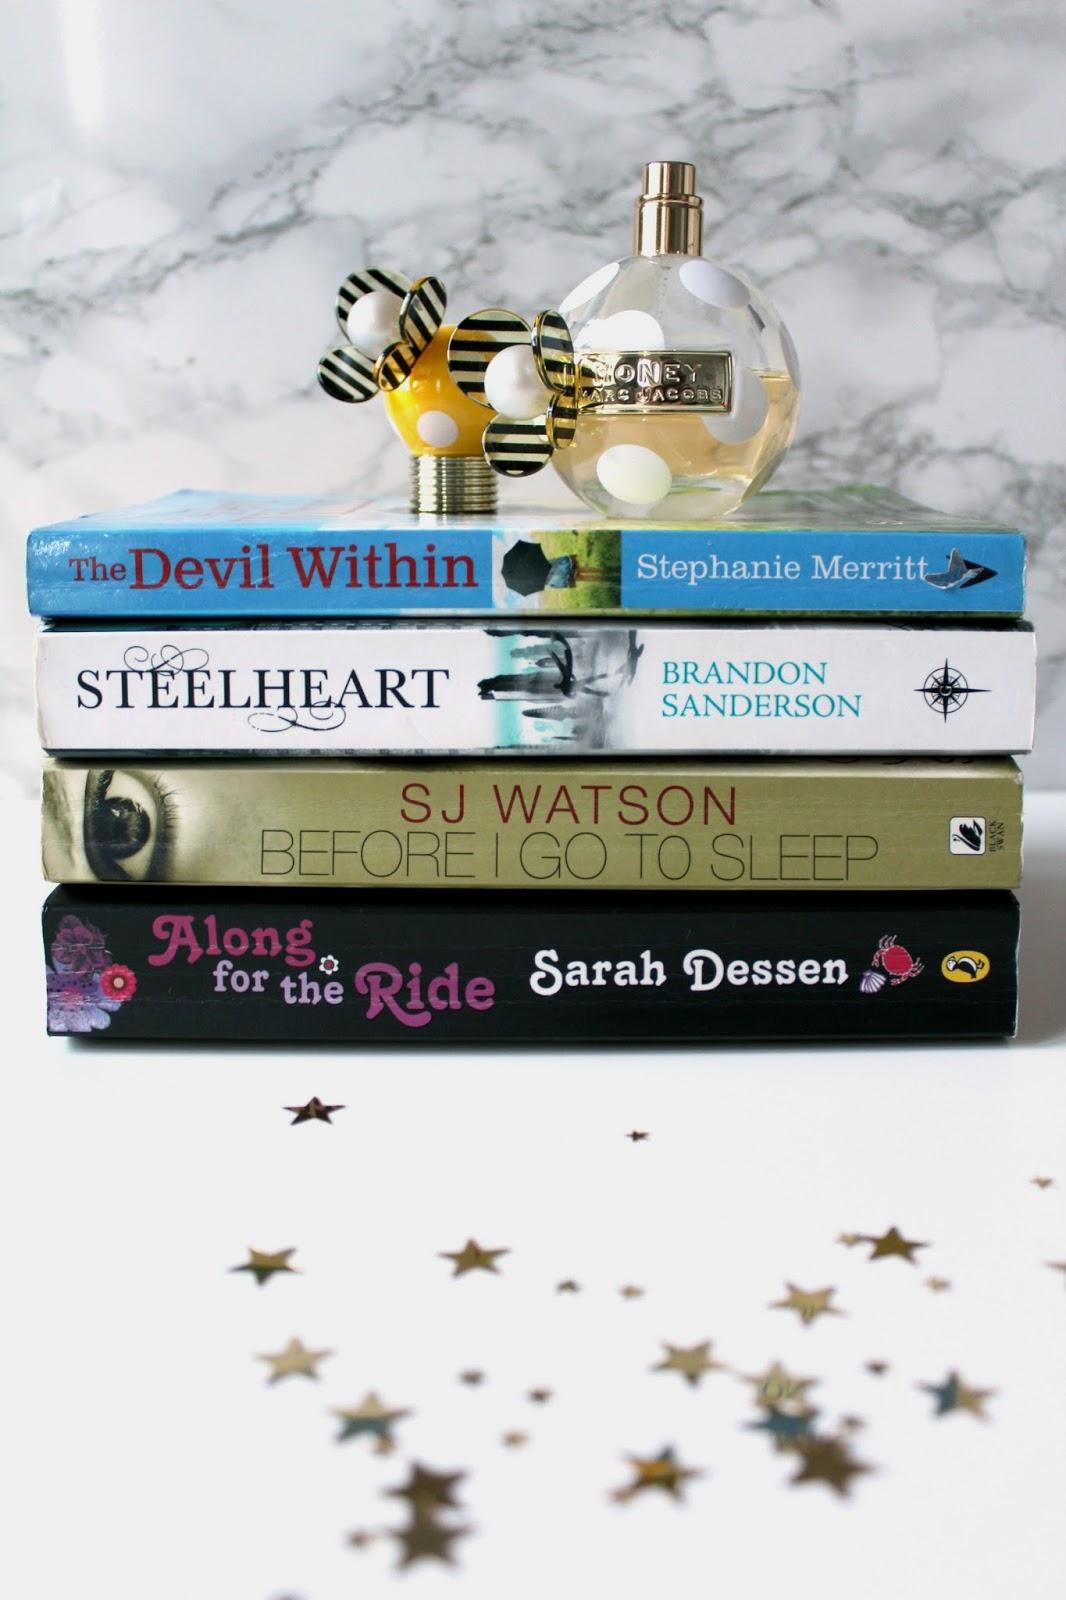 four books i love steelheart brandon sanderson the devil within stephanie merritt sj watson before i go to sleep along for the ride sarah dessen